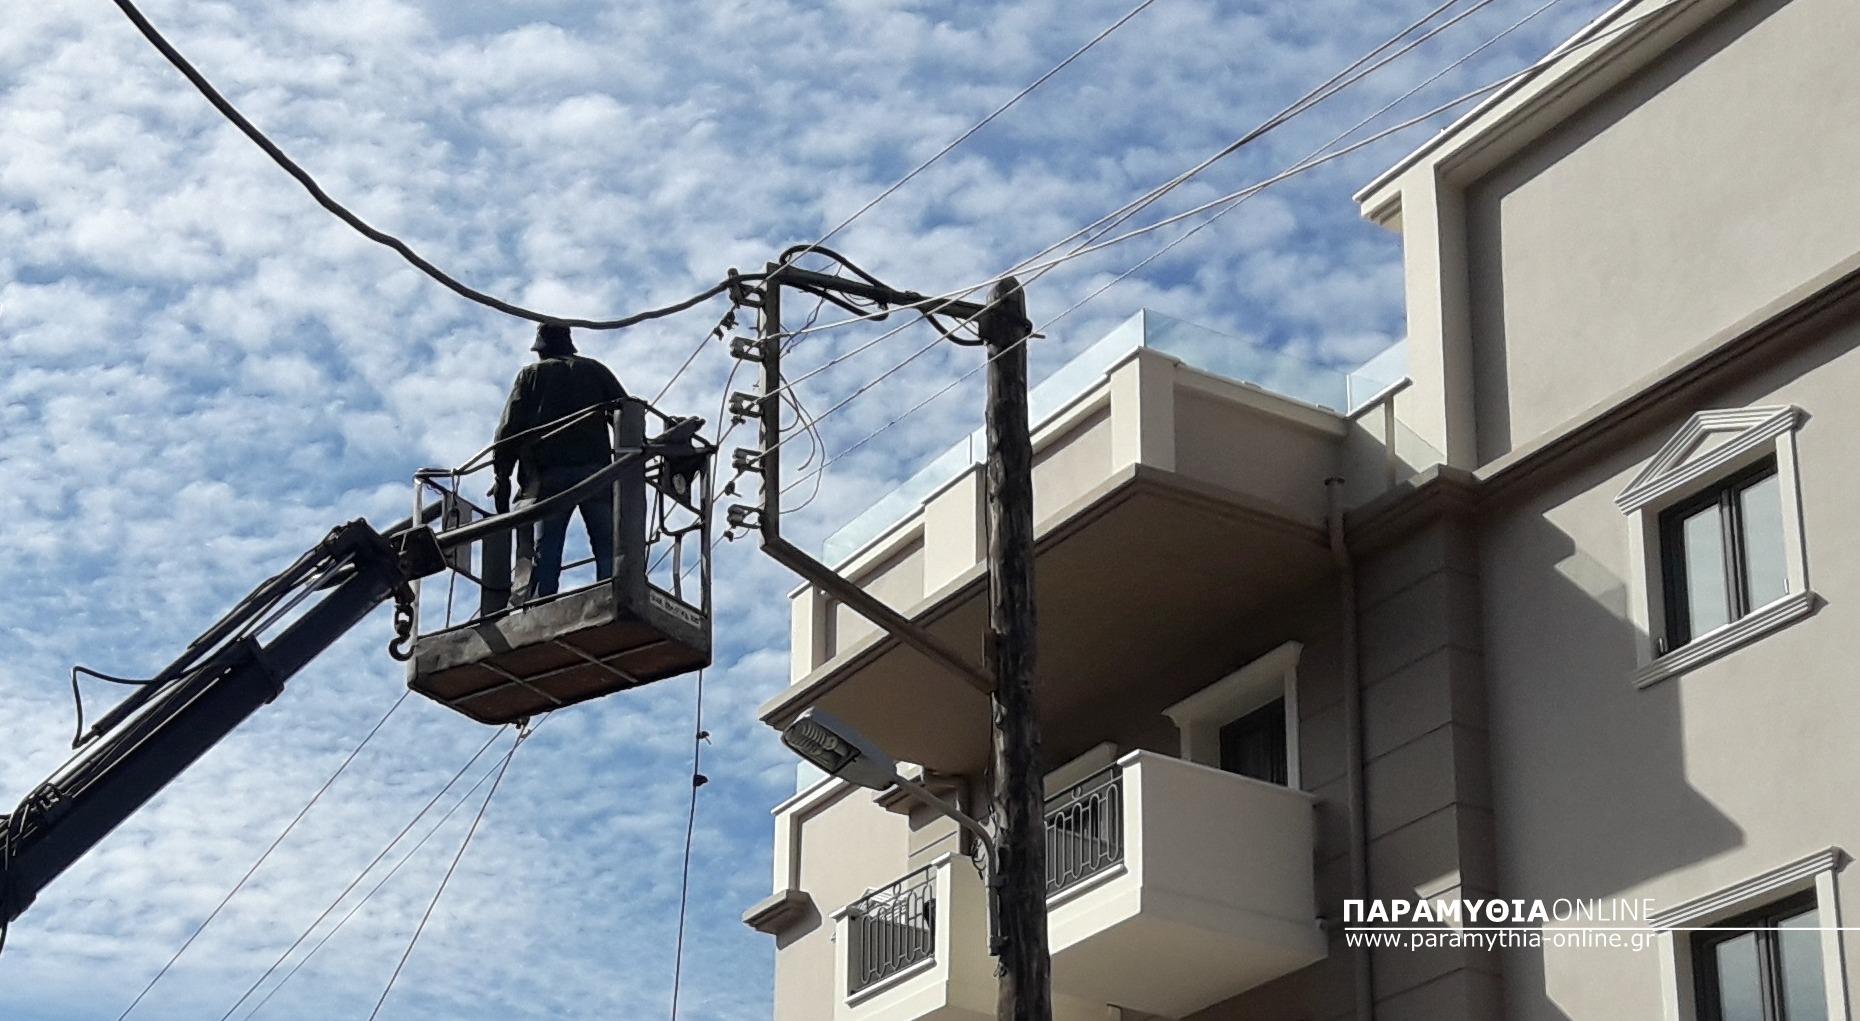 Θεσπρωτία: Διακοπές ρεύματος την Τρίτη....Ωρες και περιοχές